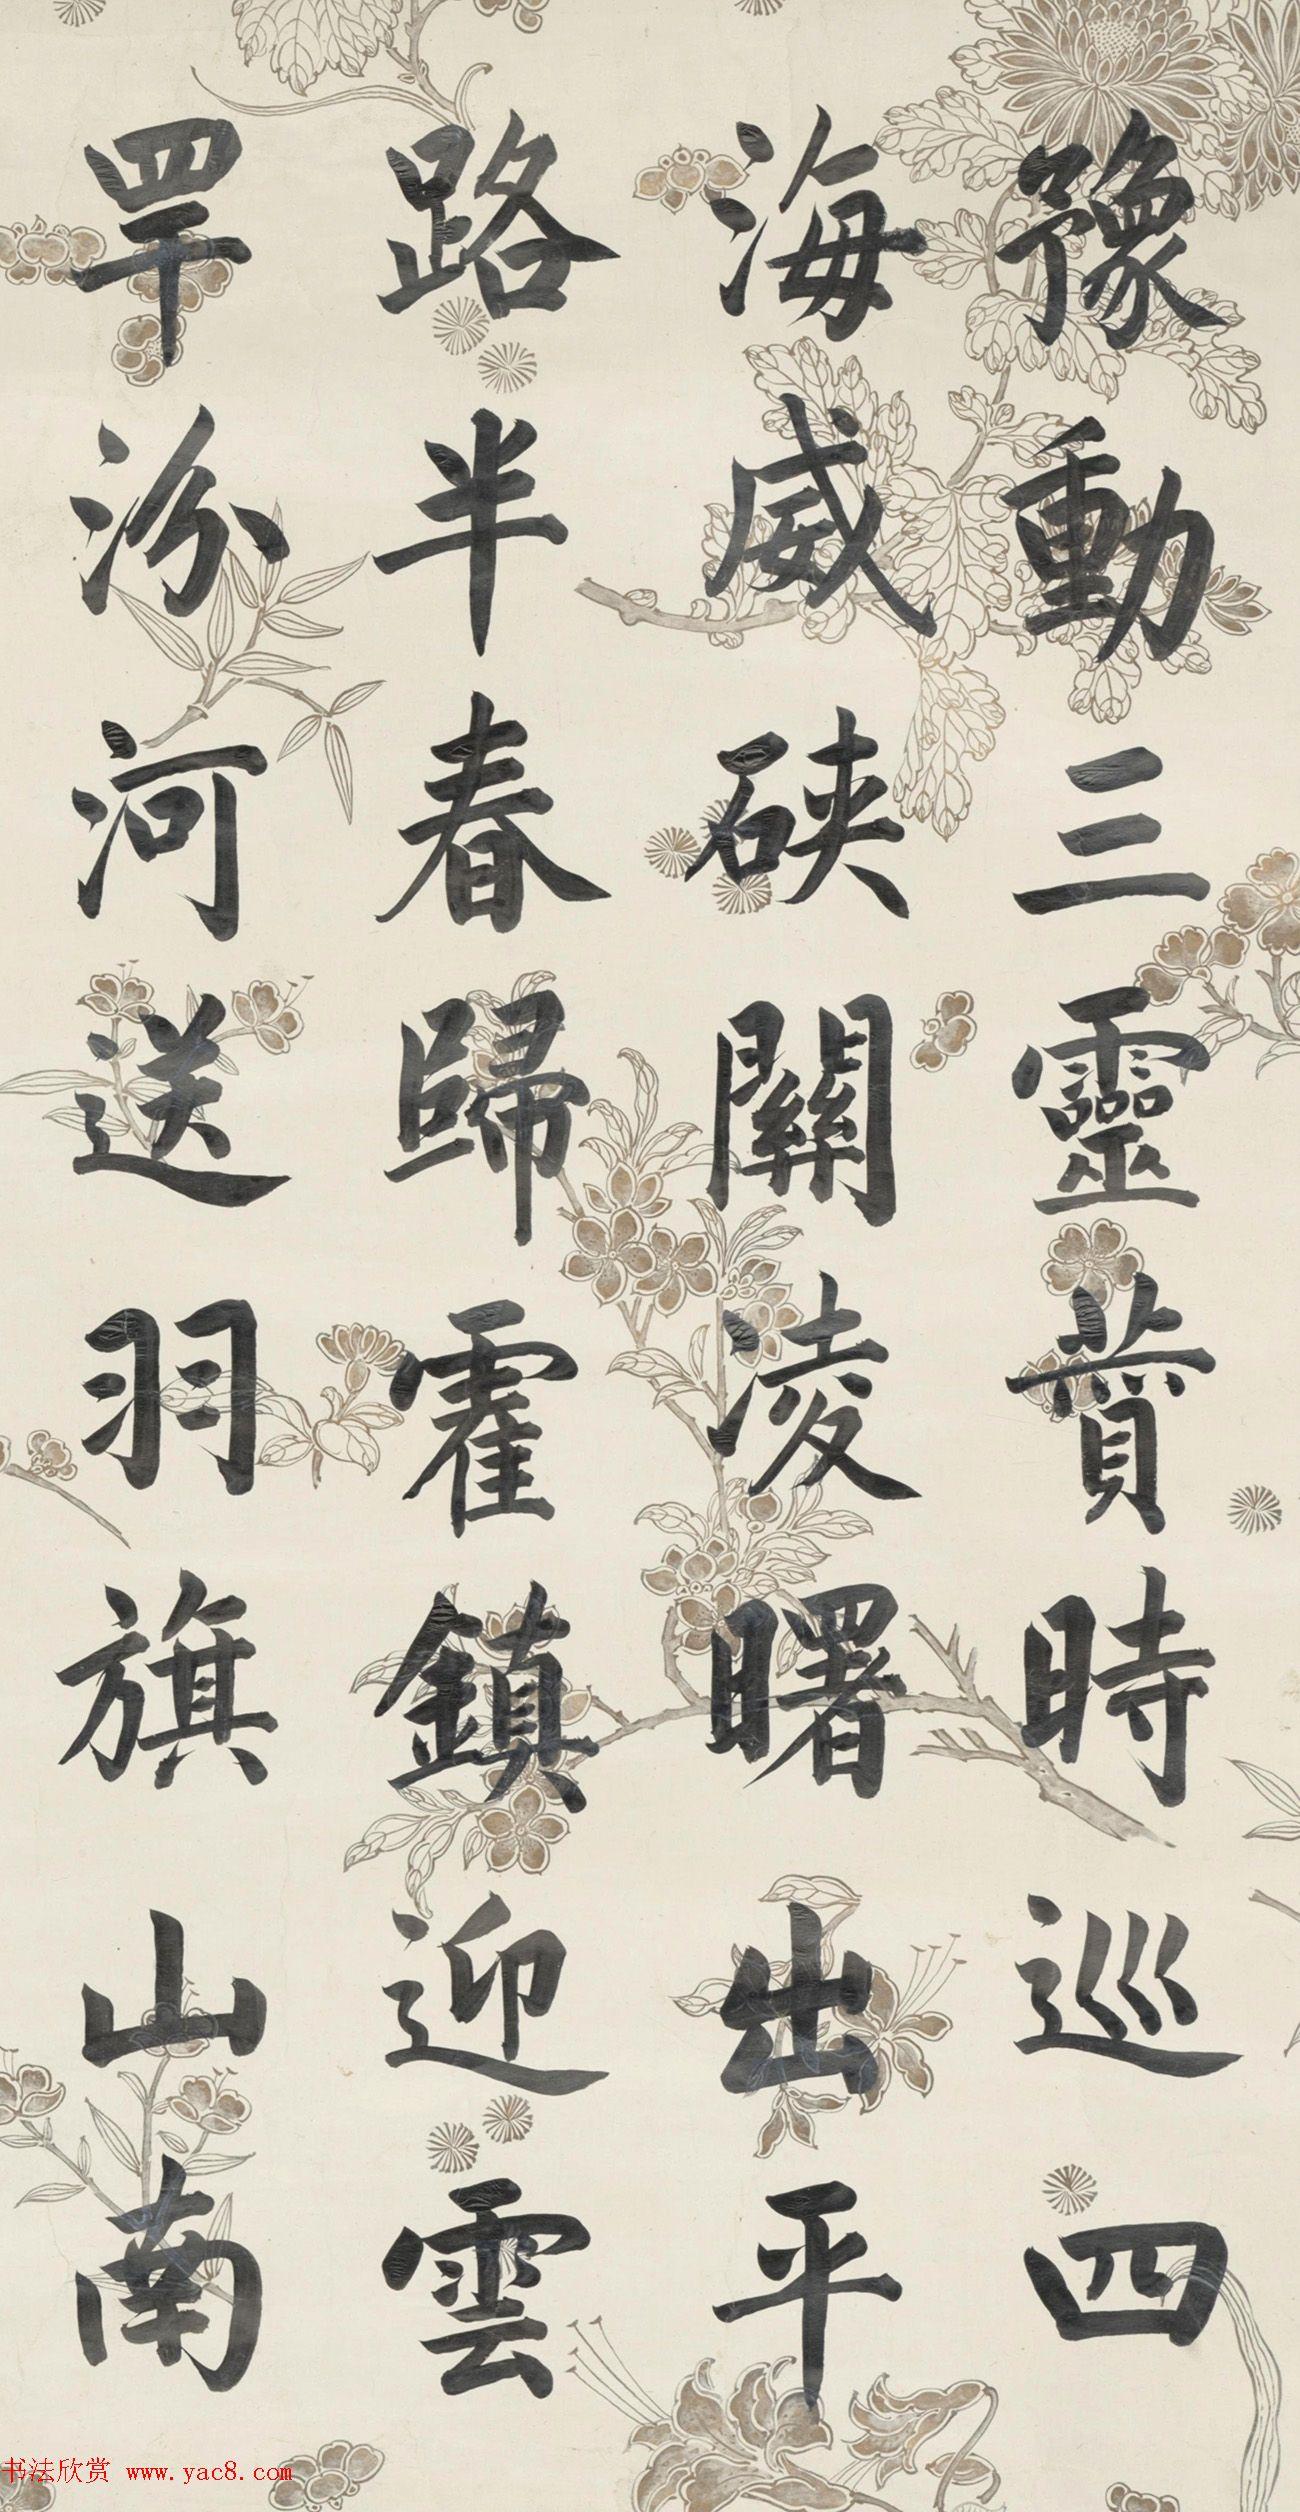 清代3进士楷书墨迹(果齐斯欢、陈官俊、刘权之)